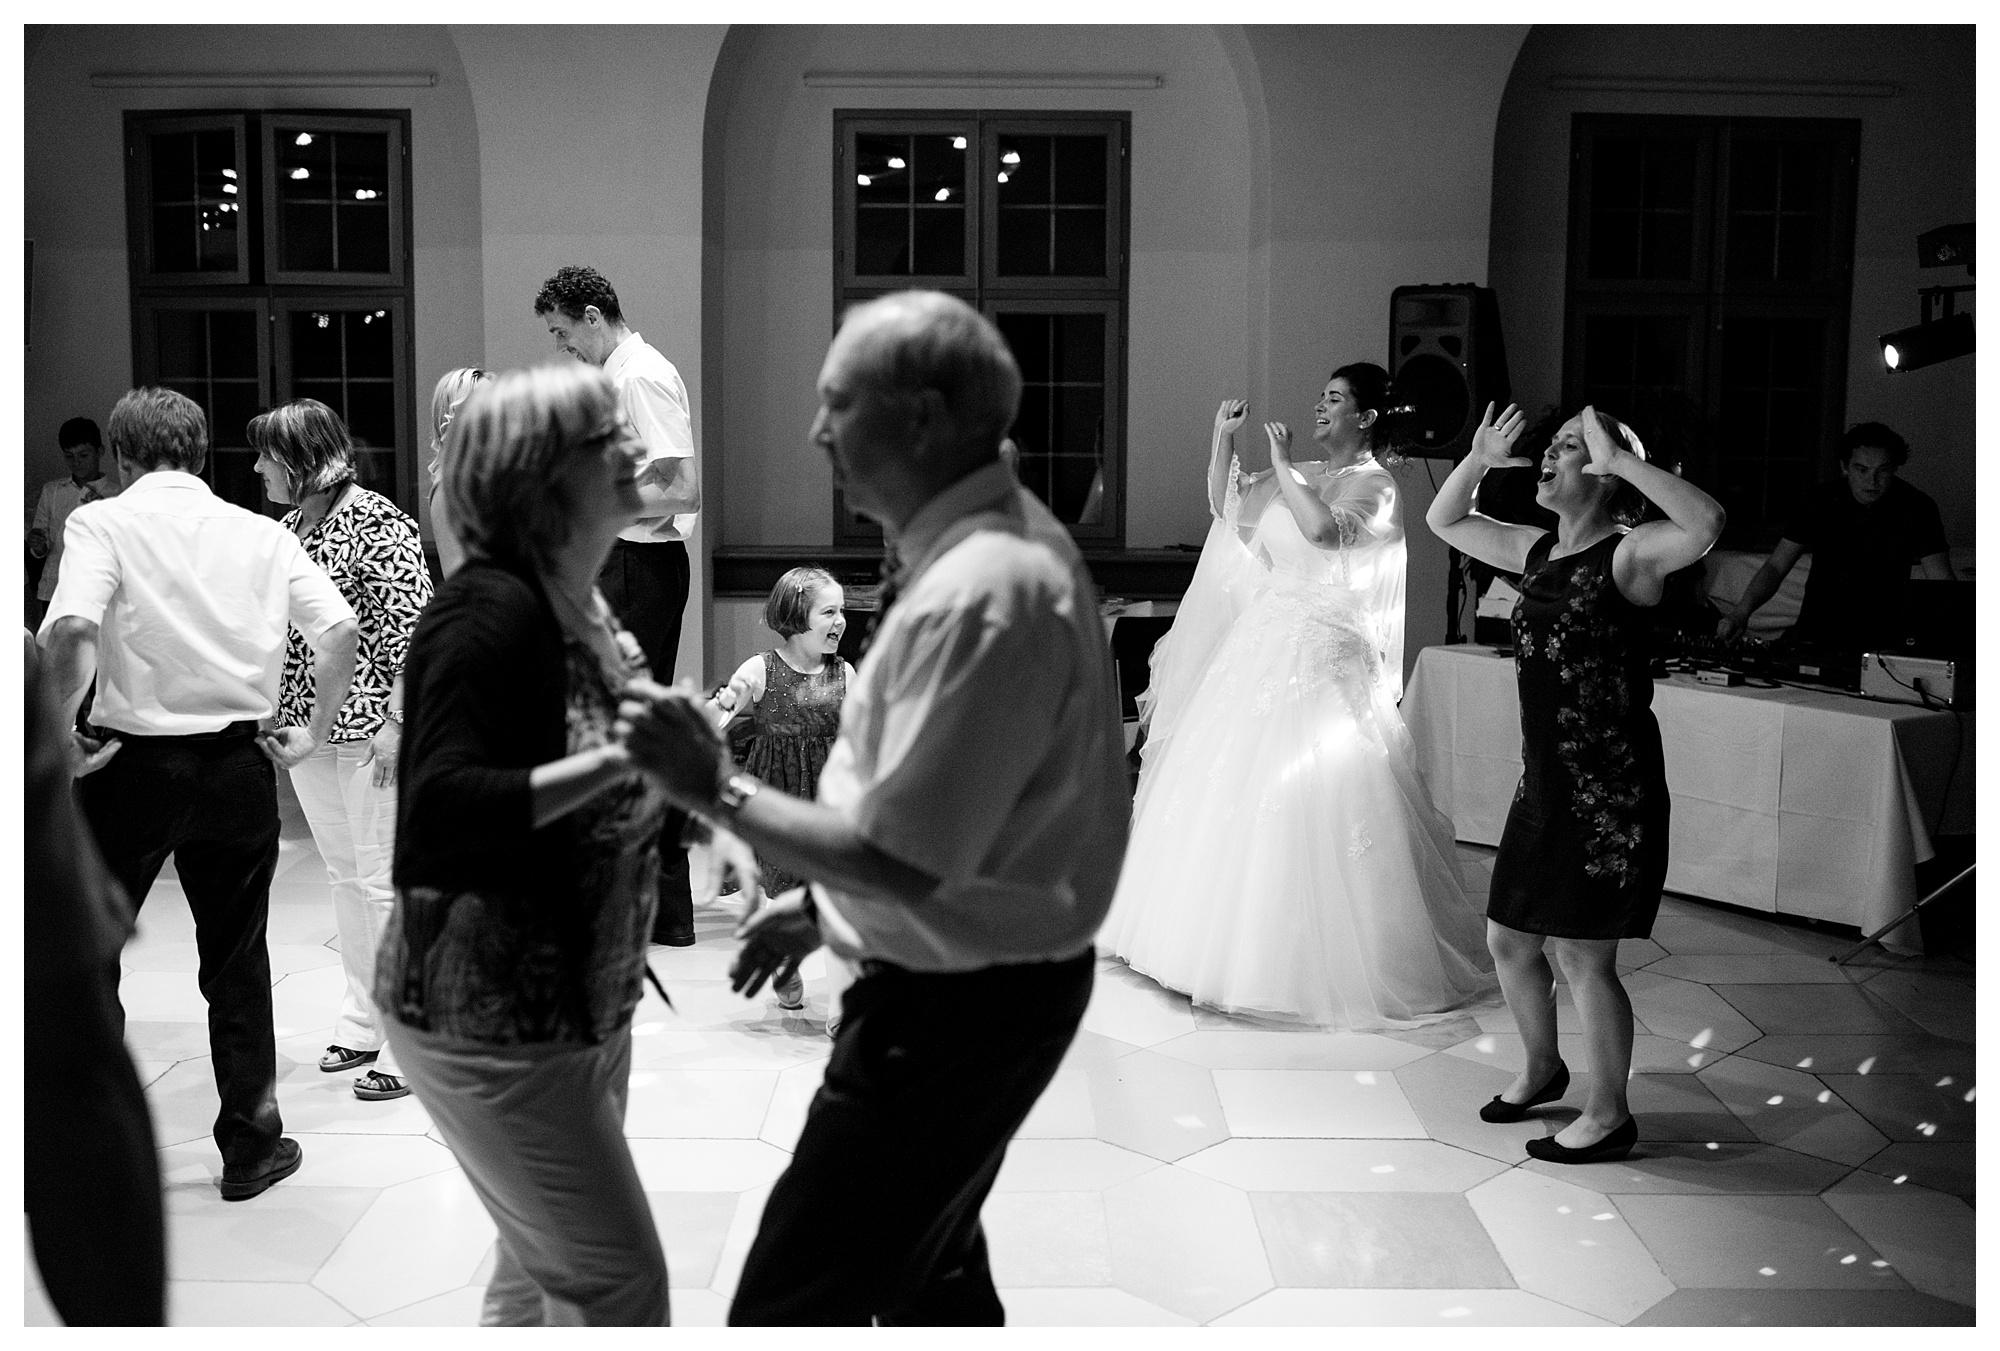 Fotograf Konstanz - Hochzeit Tanja Elmar Elmar Feuerbacher Photography Konstanz Messkirch Highlights 110 - Hochzeitsreportage von Tanja und Elmar im Schloss Meßkirch  - 104 -